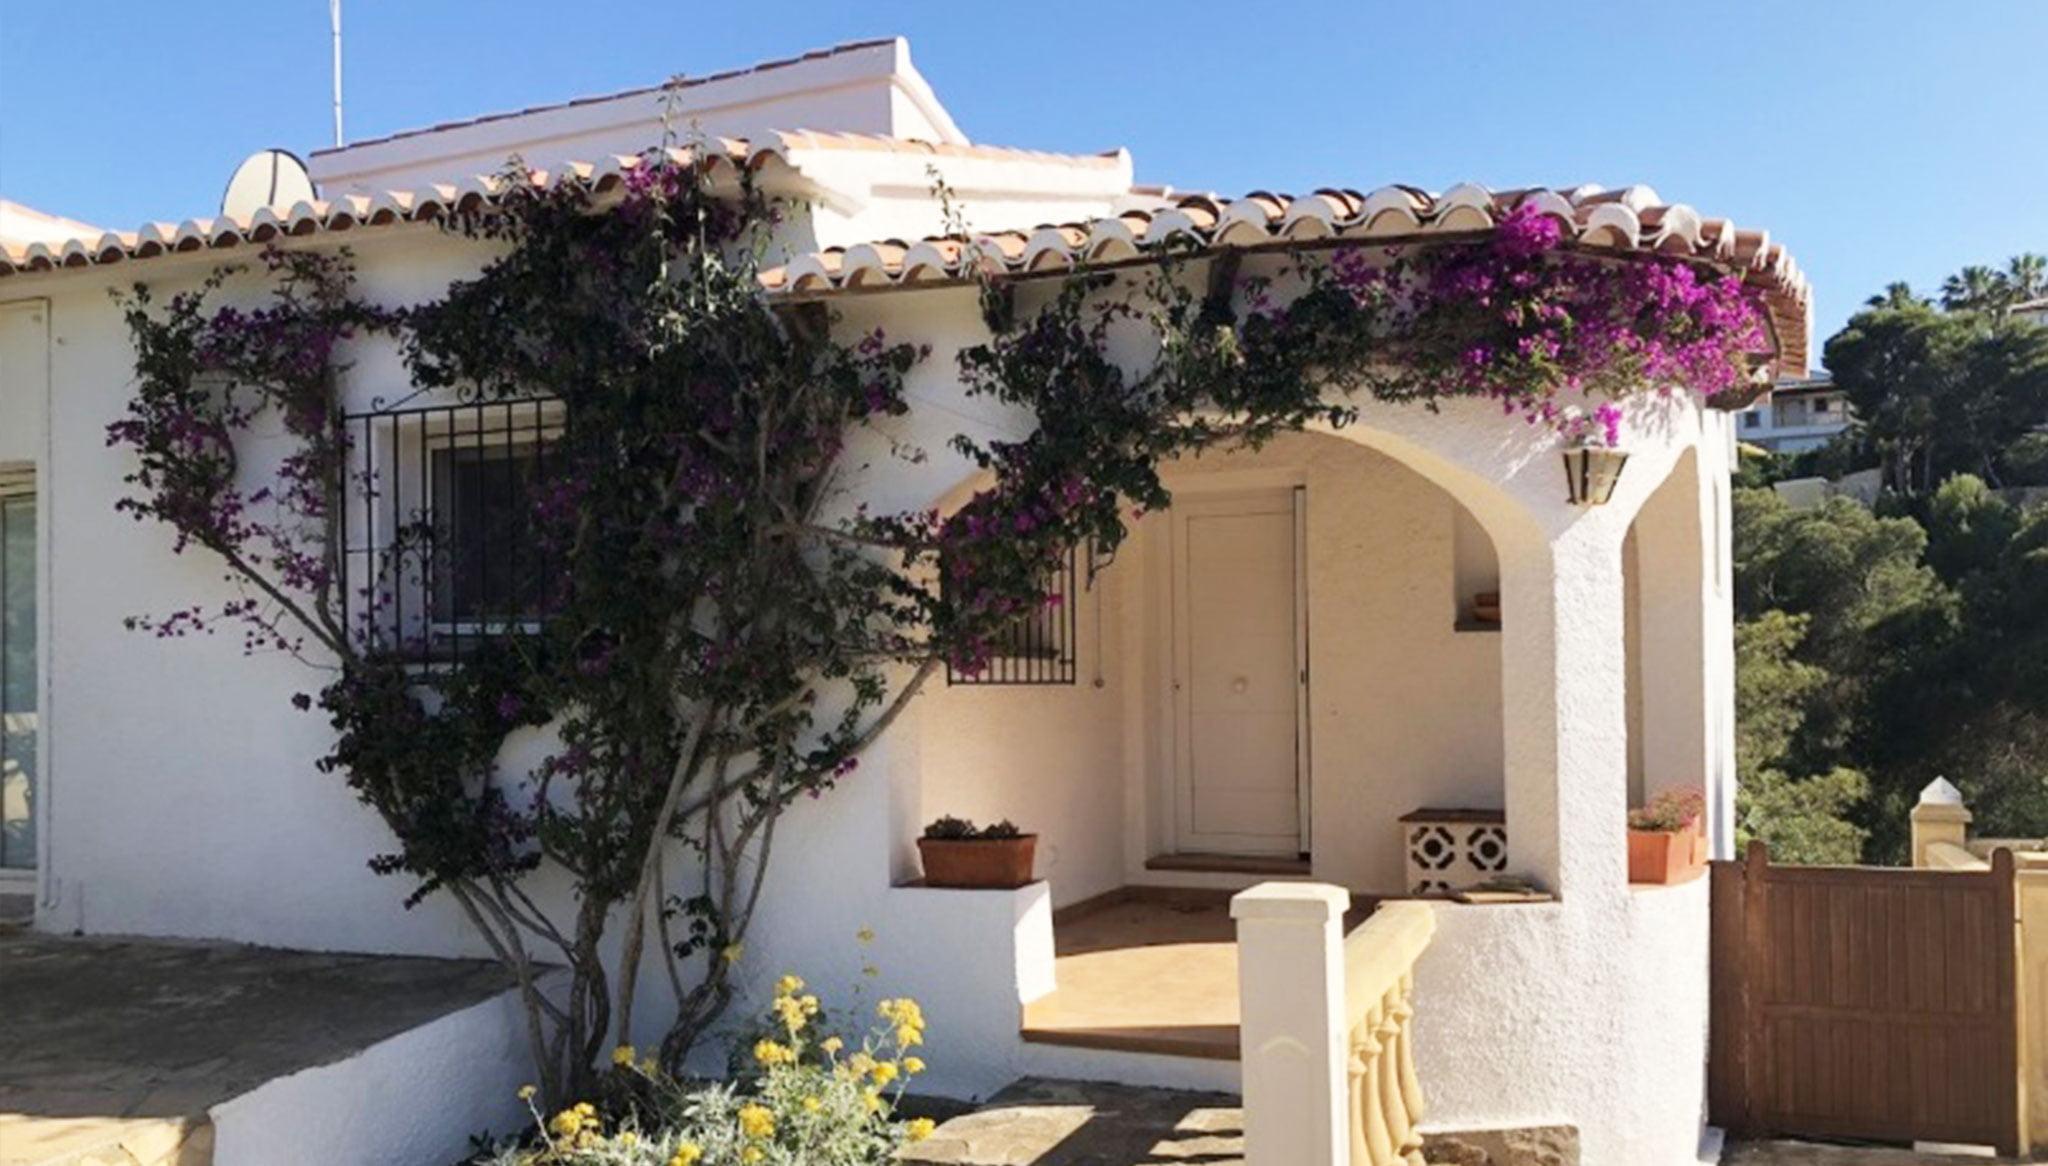 Ingresso a una villa in vendita nella zona di Ambolo - Terramar Costa Blanca